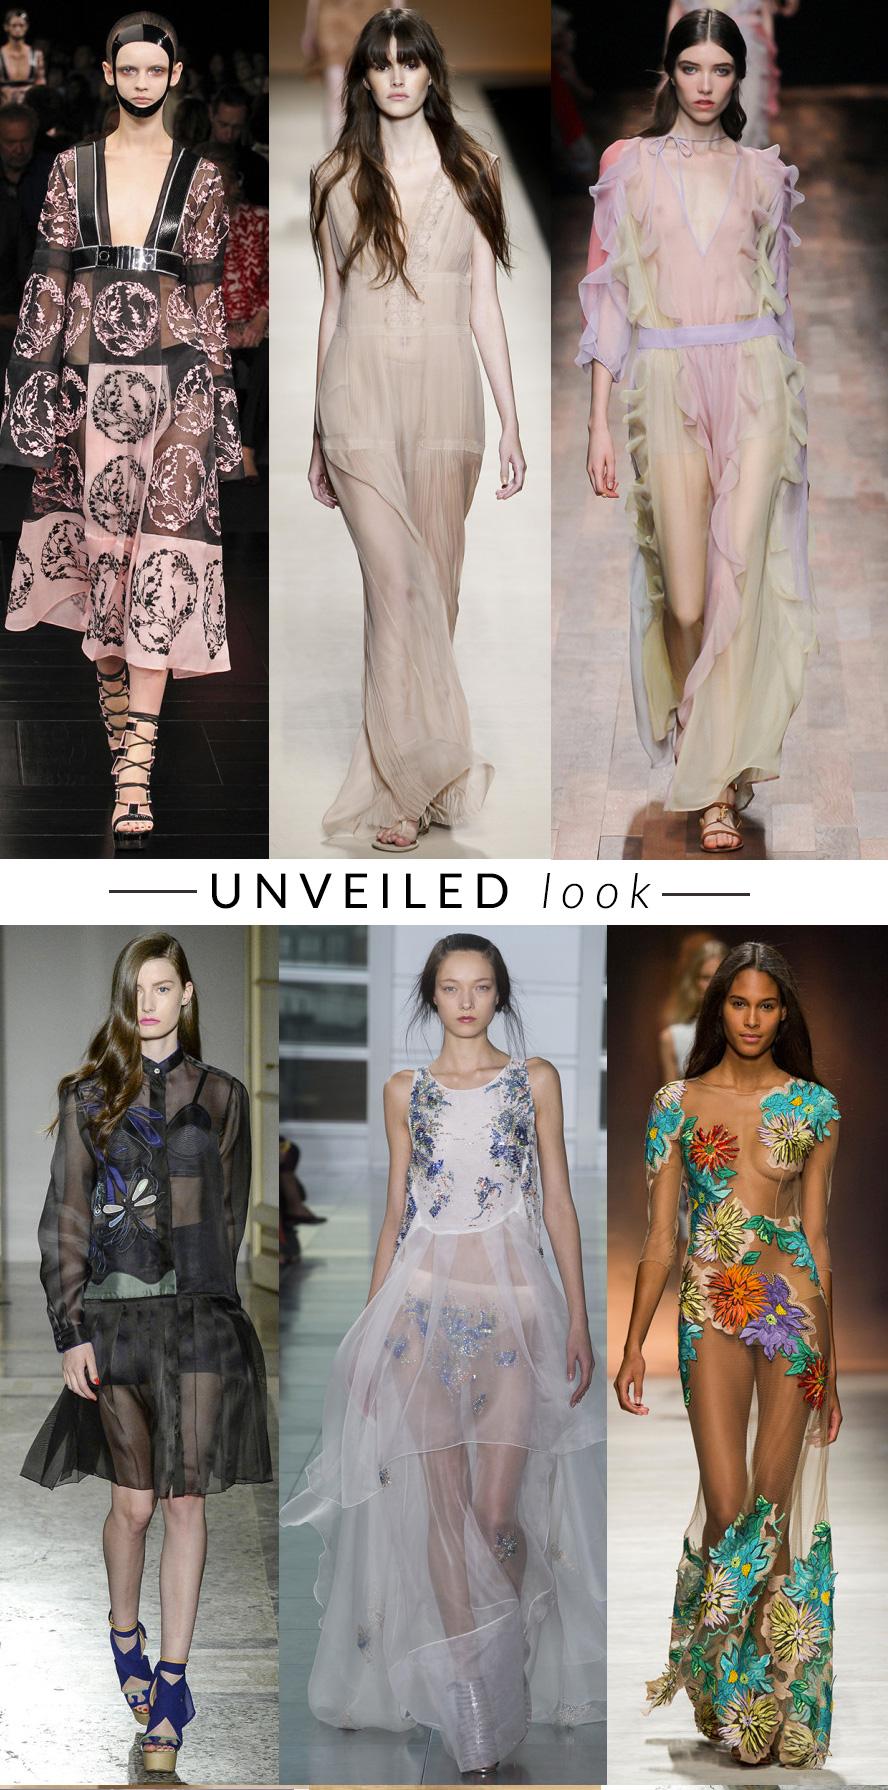 nude look trend moda primavera estate 2015 fashion blogger elena schiavon